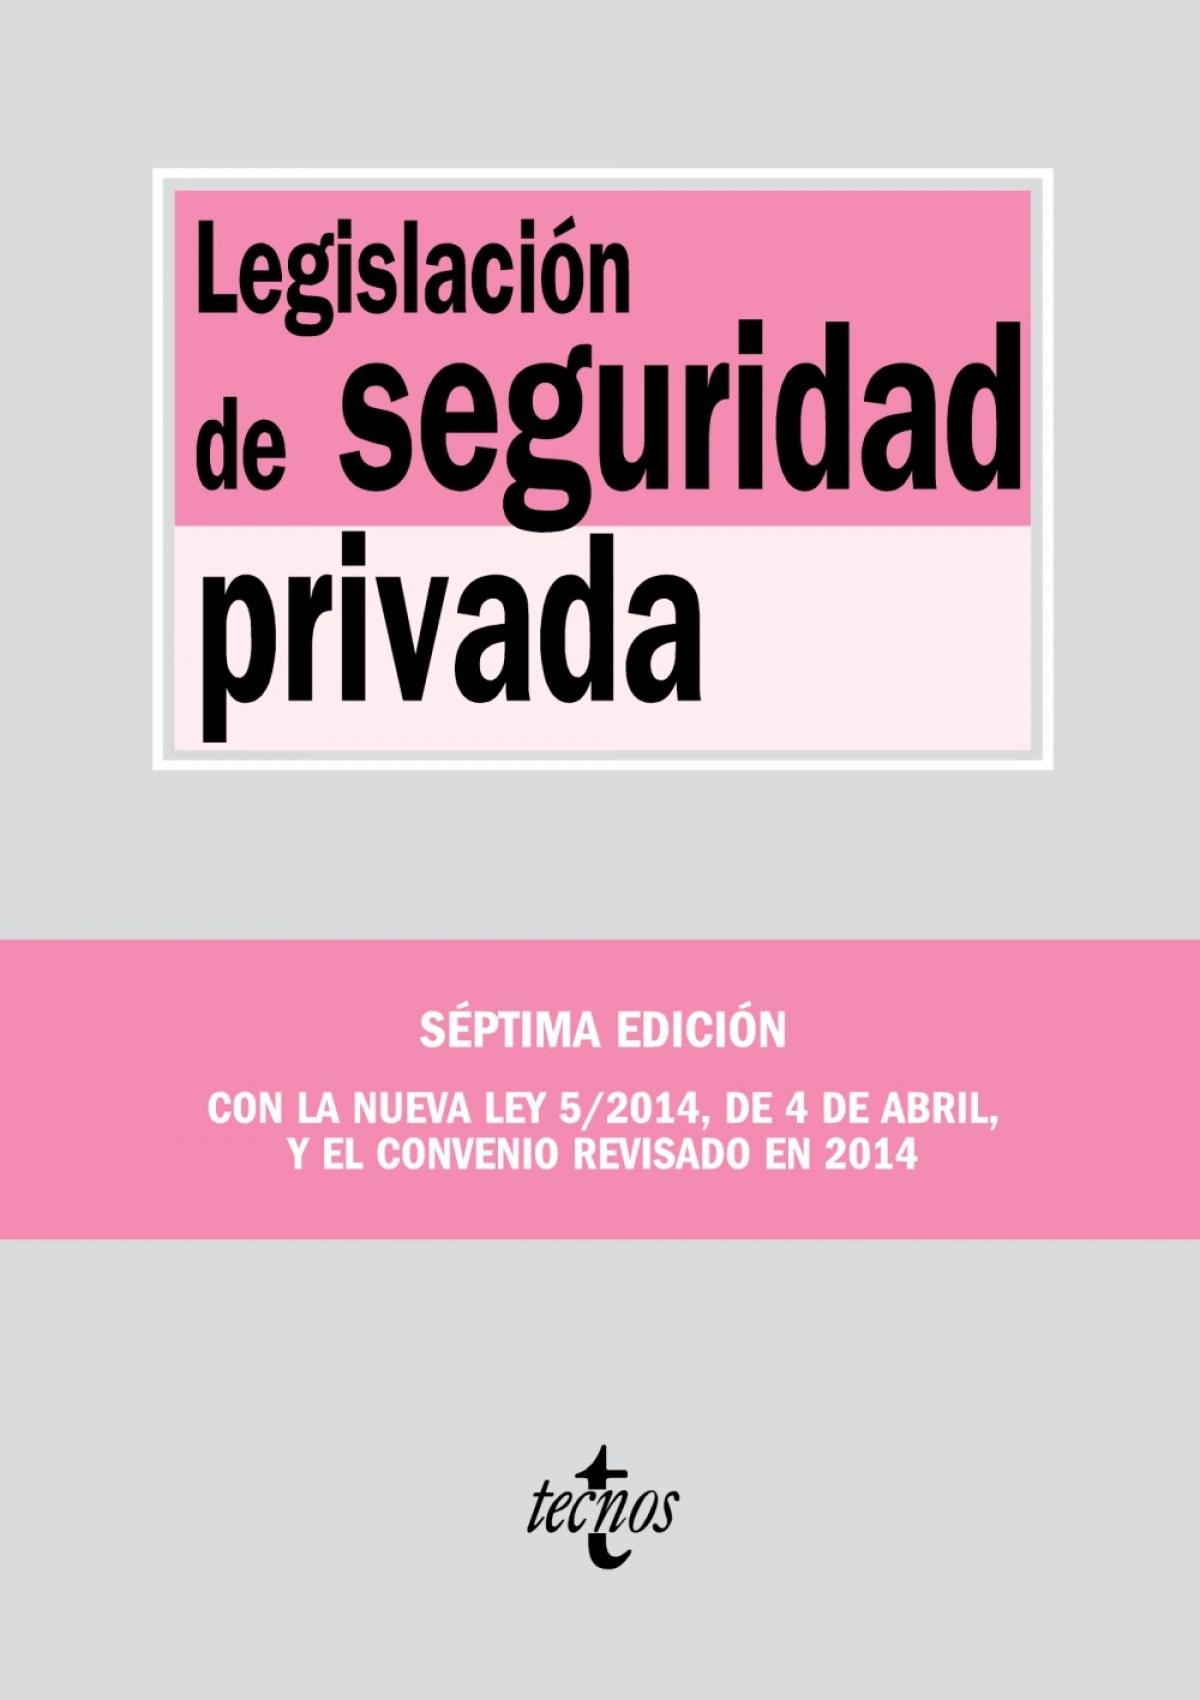 Legislación de la seguridad privada